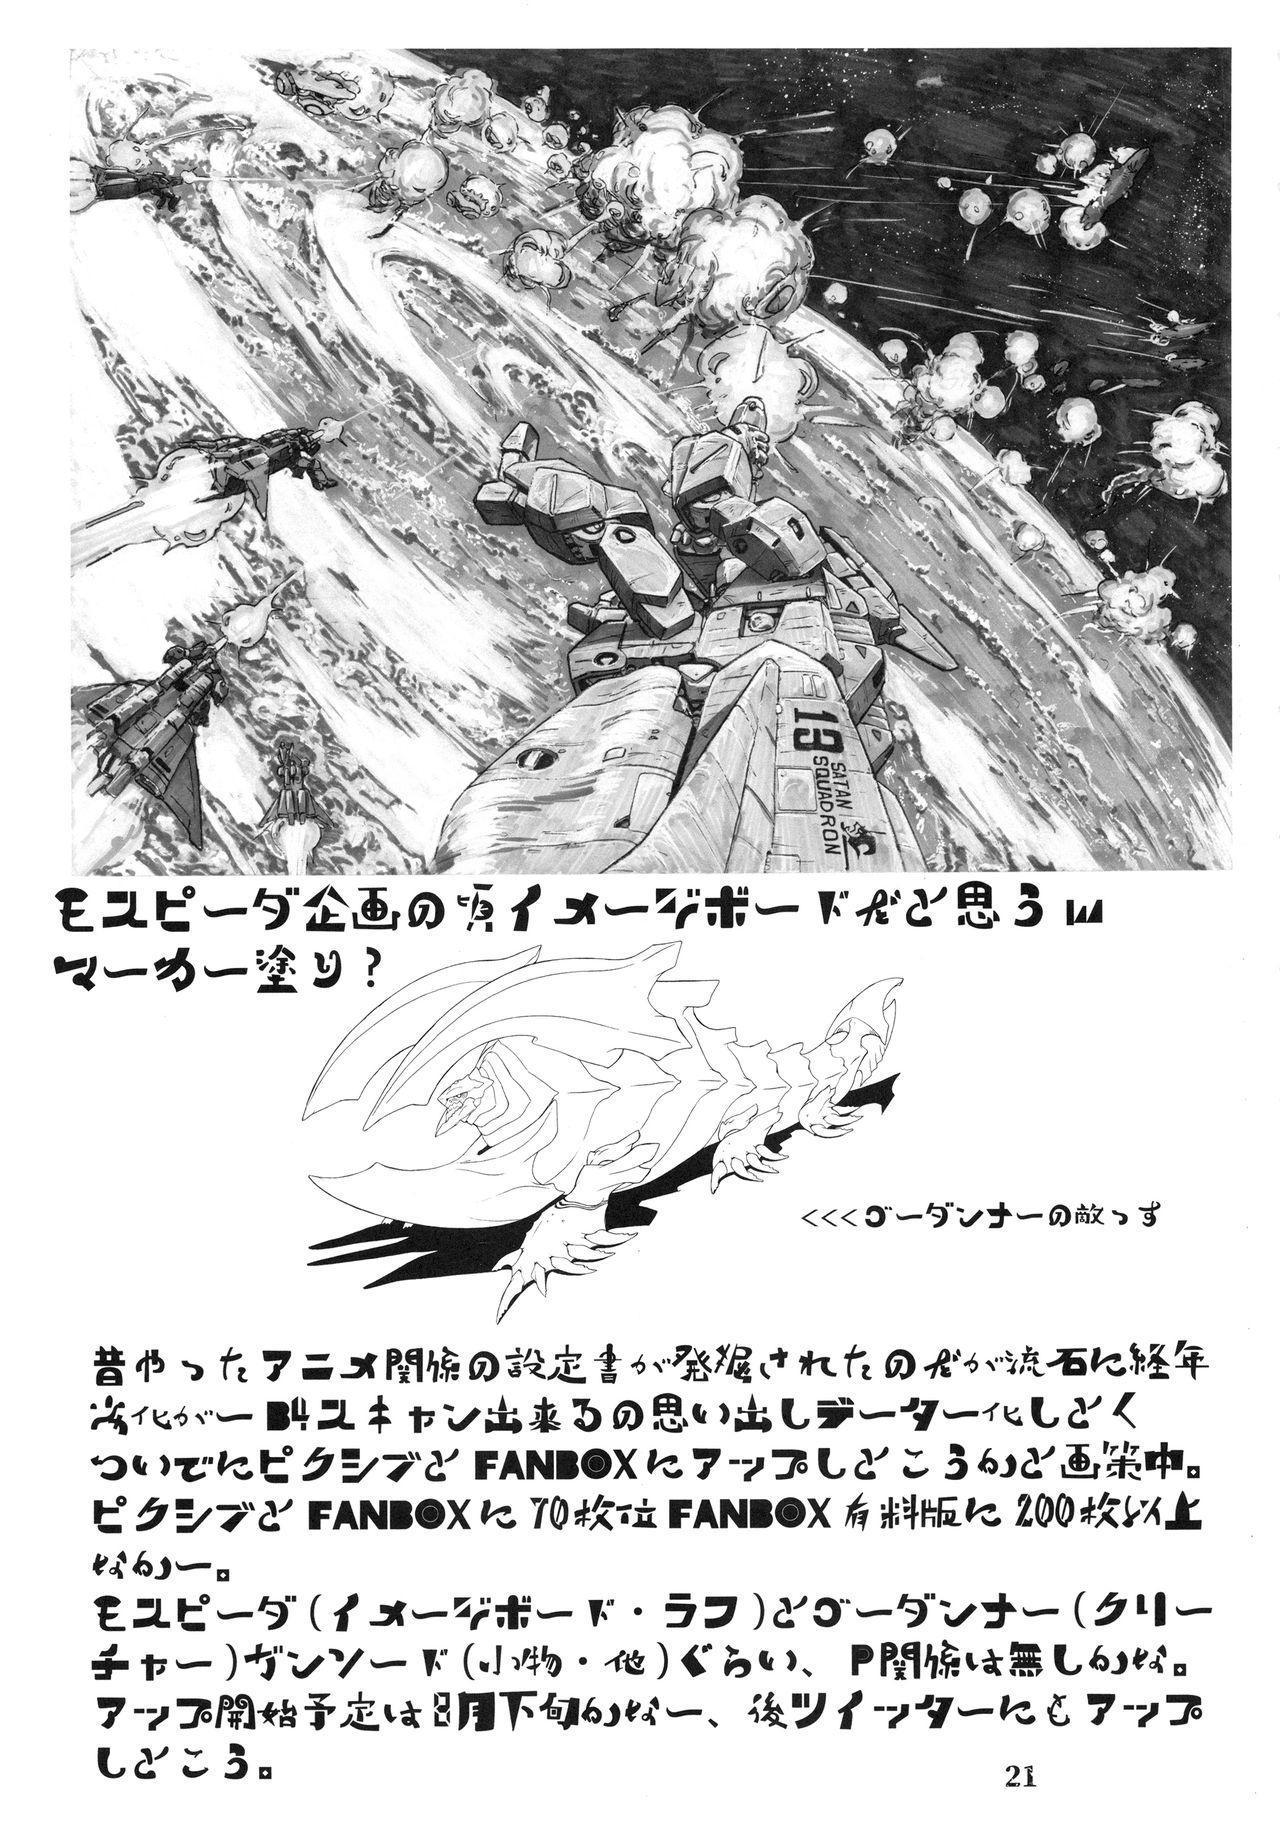 Otona no Omochaya-san no HT Settai Ima Koko 19